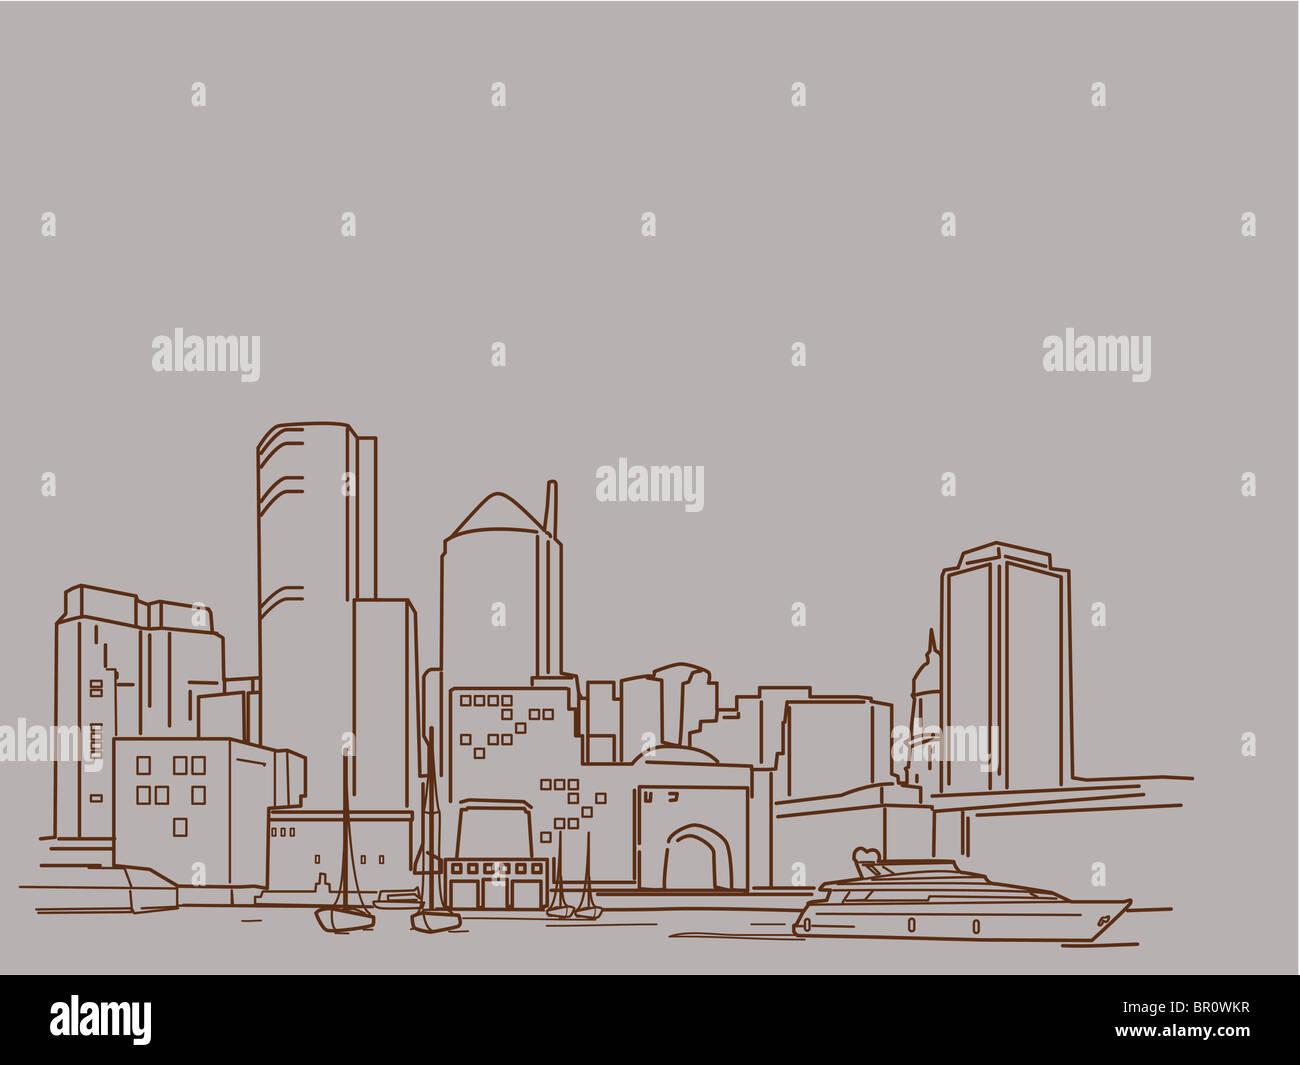 Zur Veranschaulichung der Stadthafen Stockbild